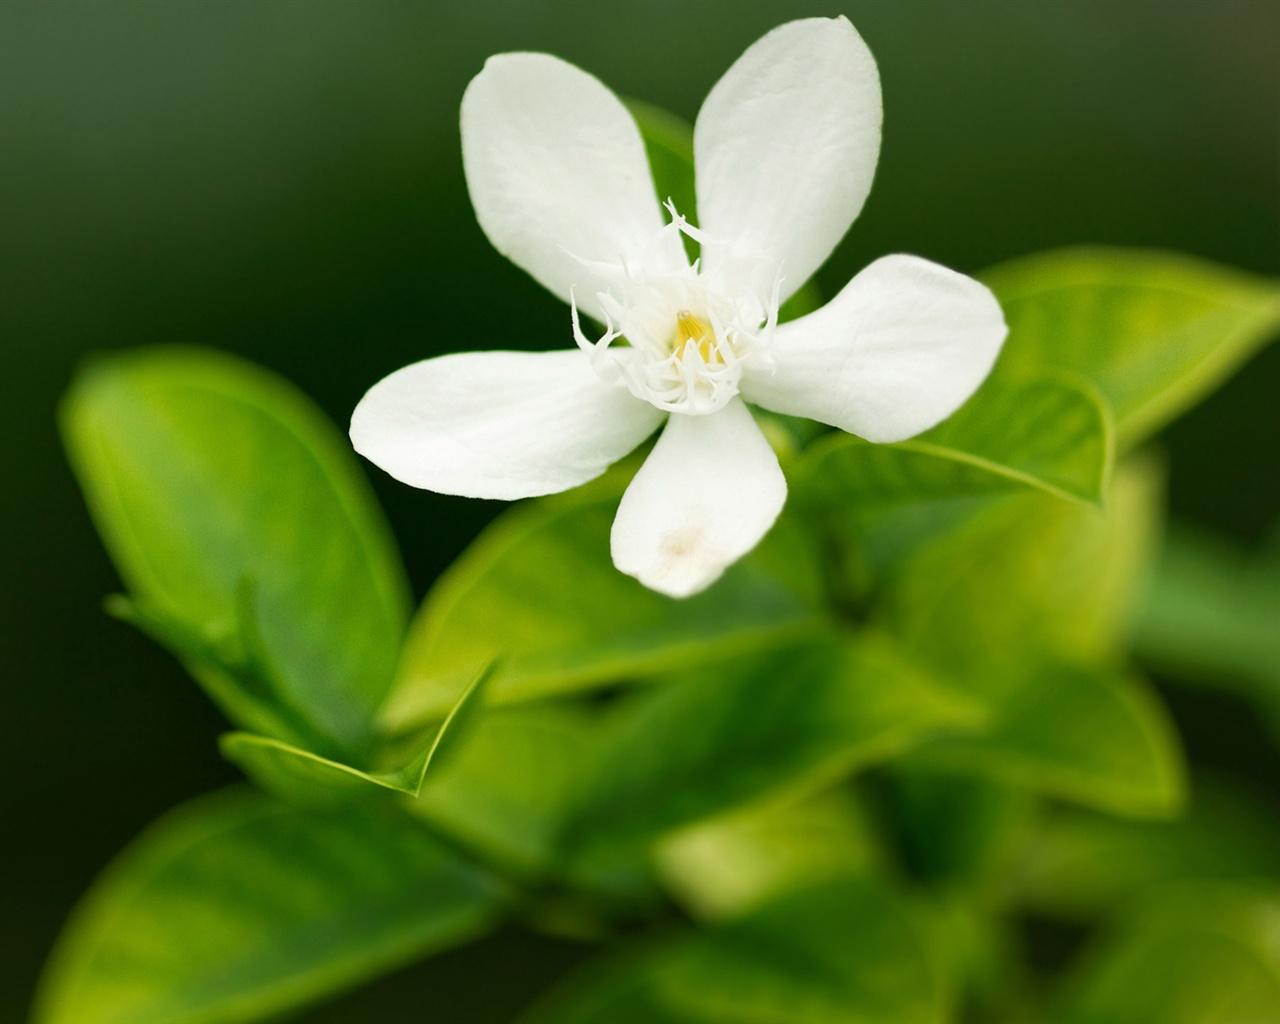 Wallpaper five petal white flower macro 1920x1200 hd picture image mightylinksfo